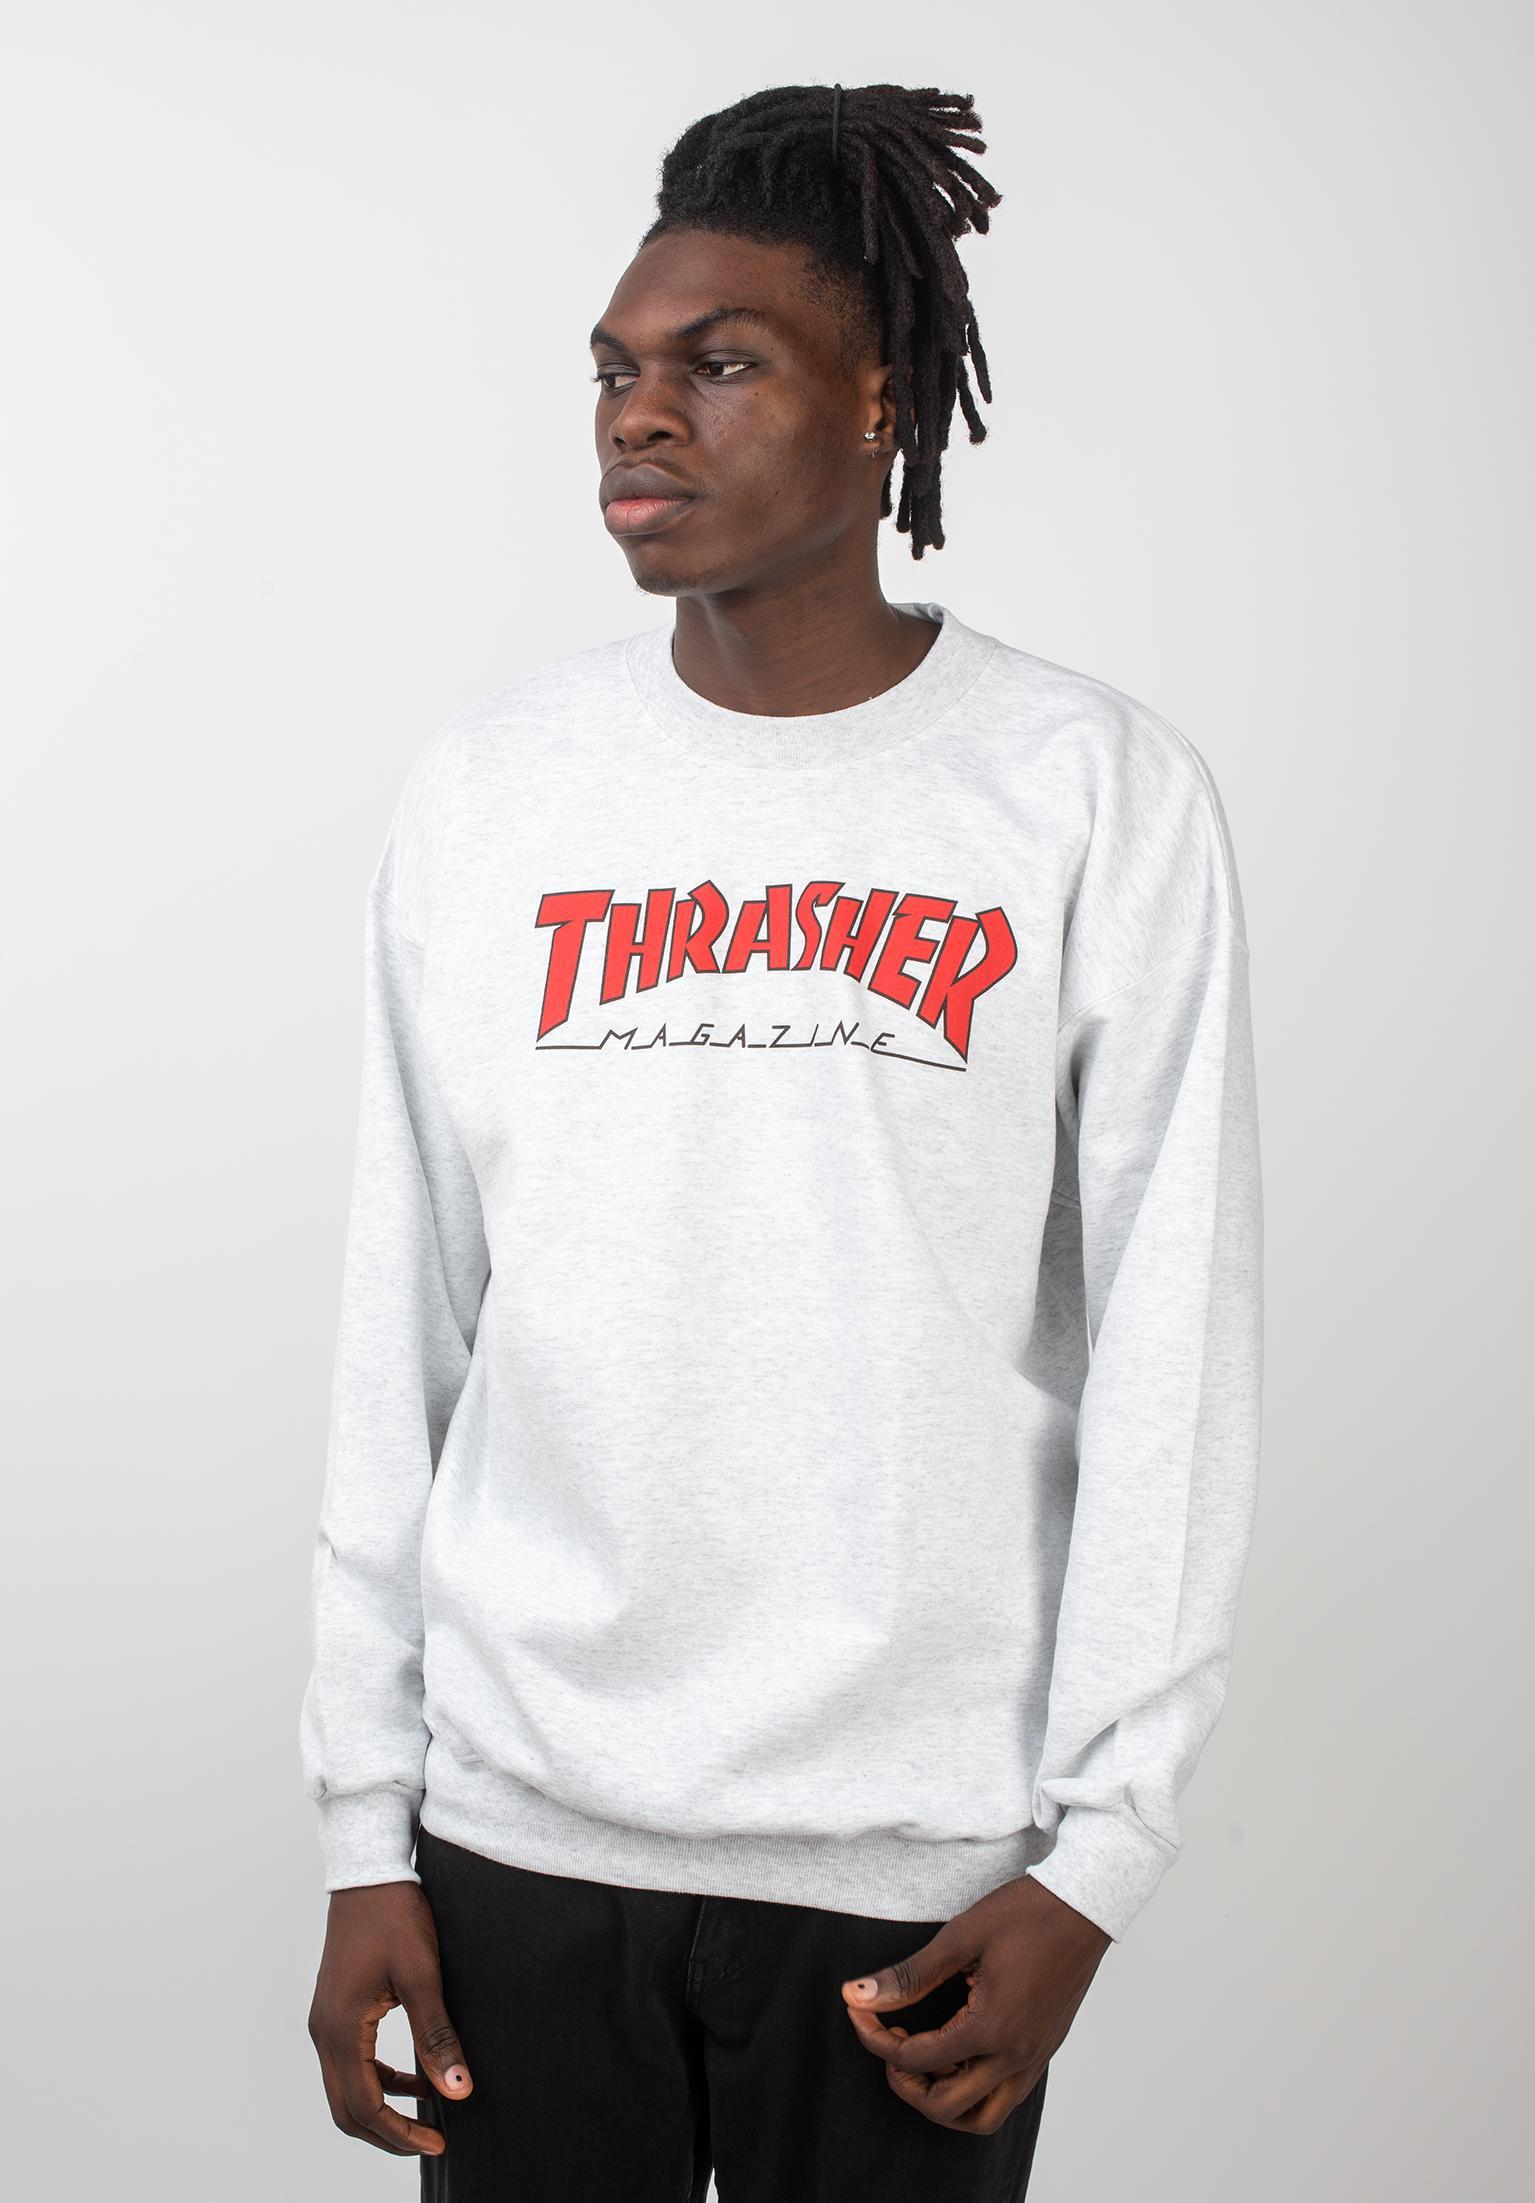 091b899338 Sweatshirts für Mädels im Titus Onlineshop kaufen   Titus.de   Titus